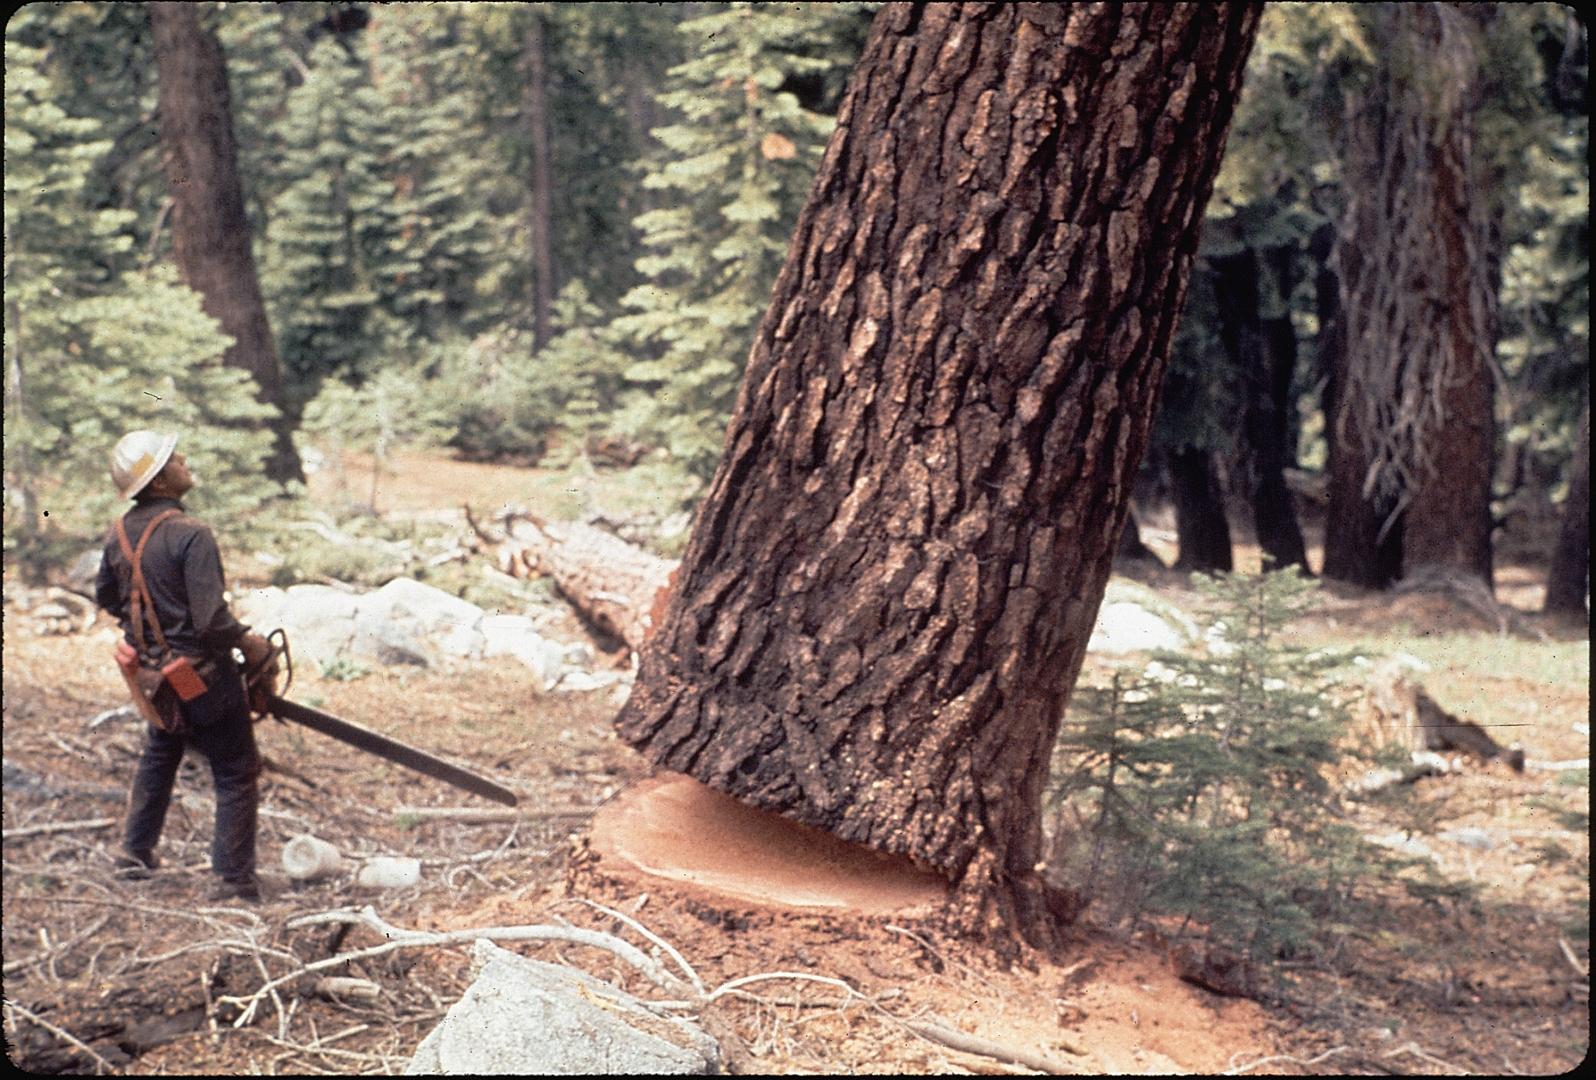 хищники, картинки лесорубы рубят лес приготовления